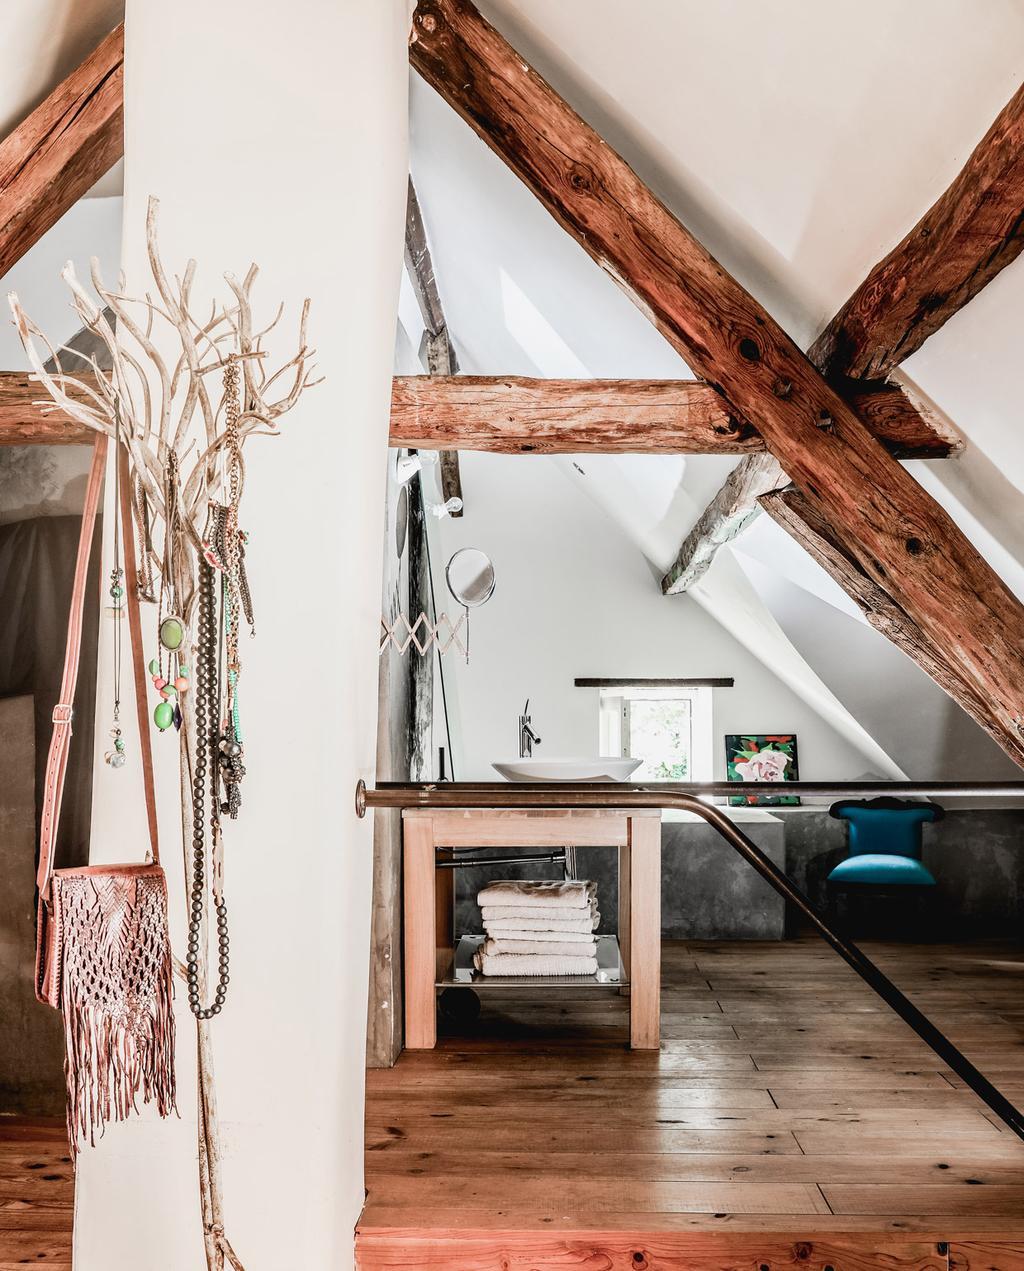 vtwonen 05-2021 | houten vloer met schuin dak en houten balken